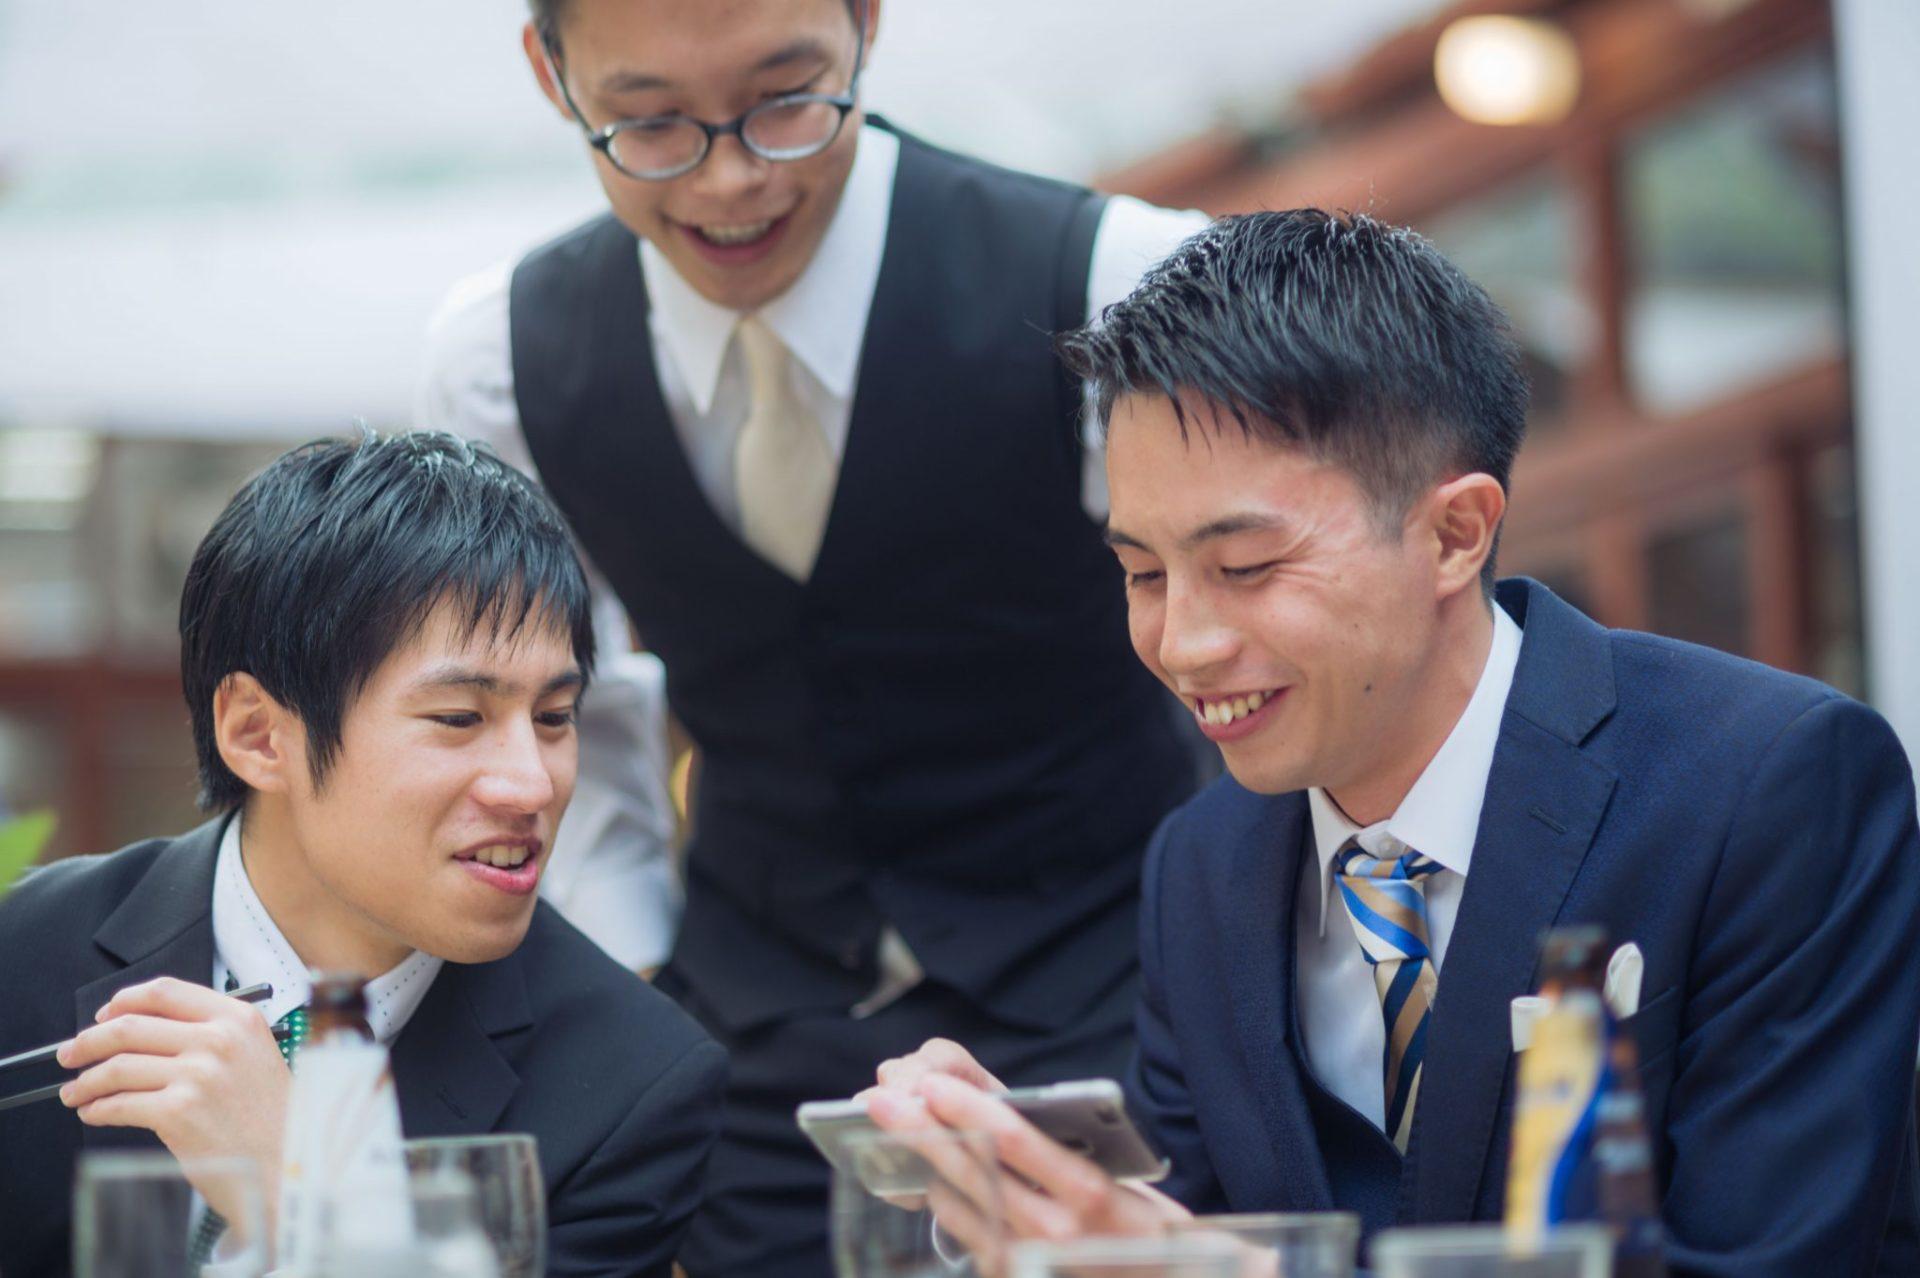 べるが(verga)での結婚式-ゲスト